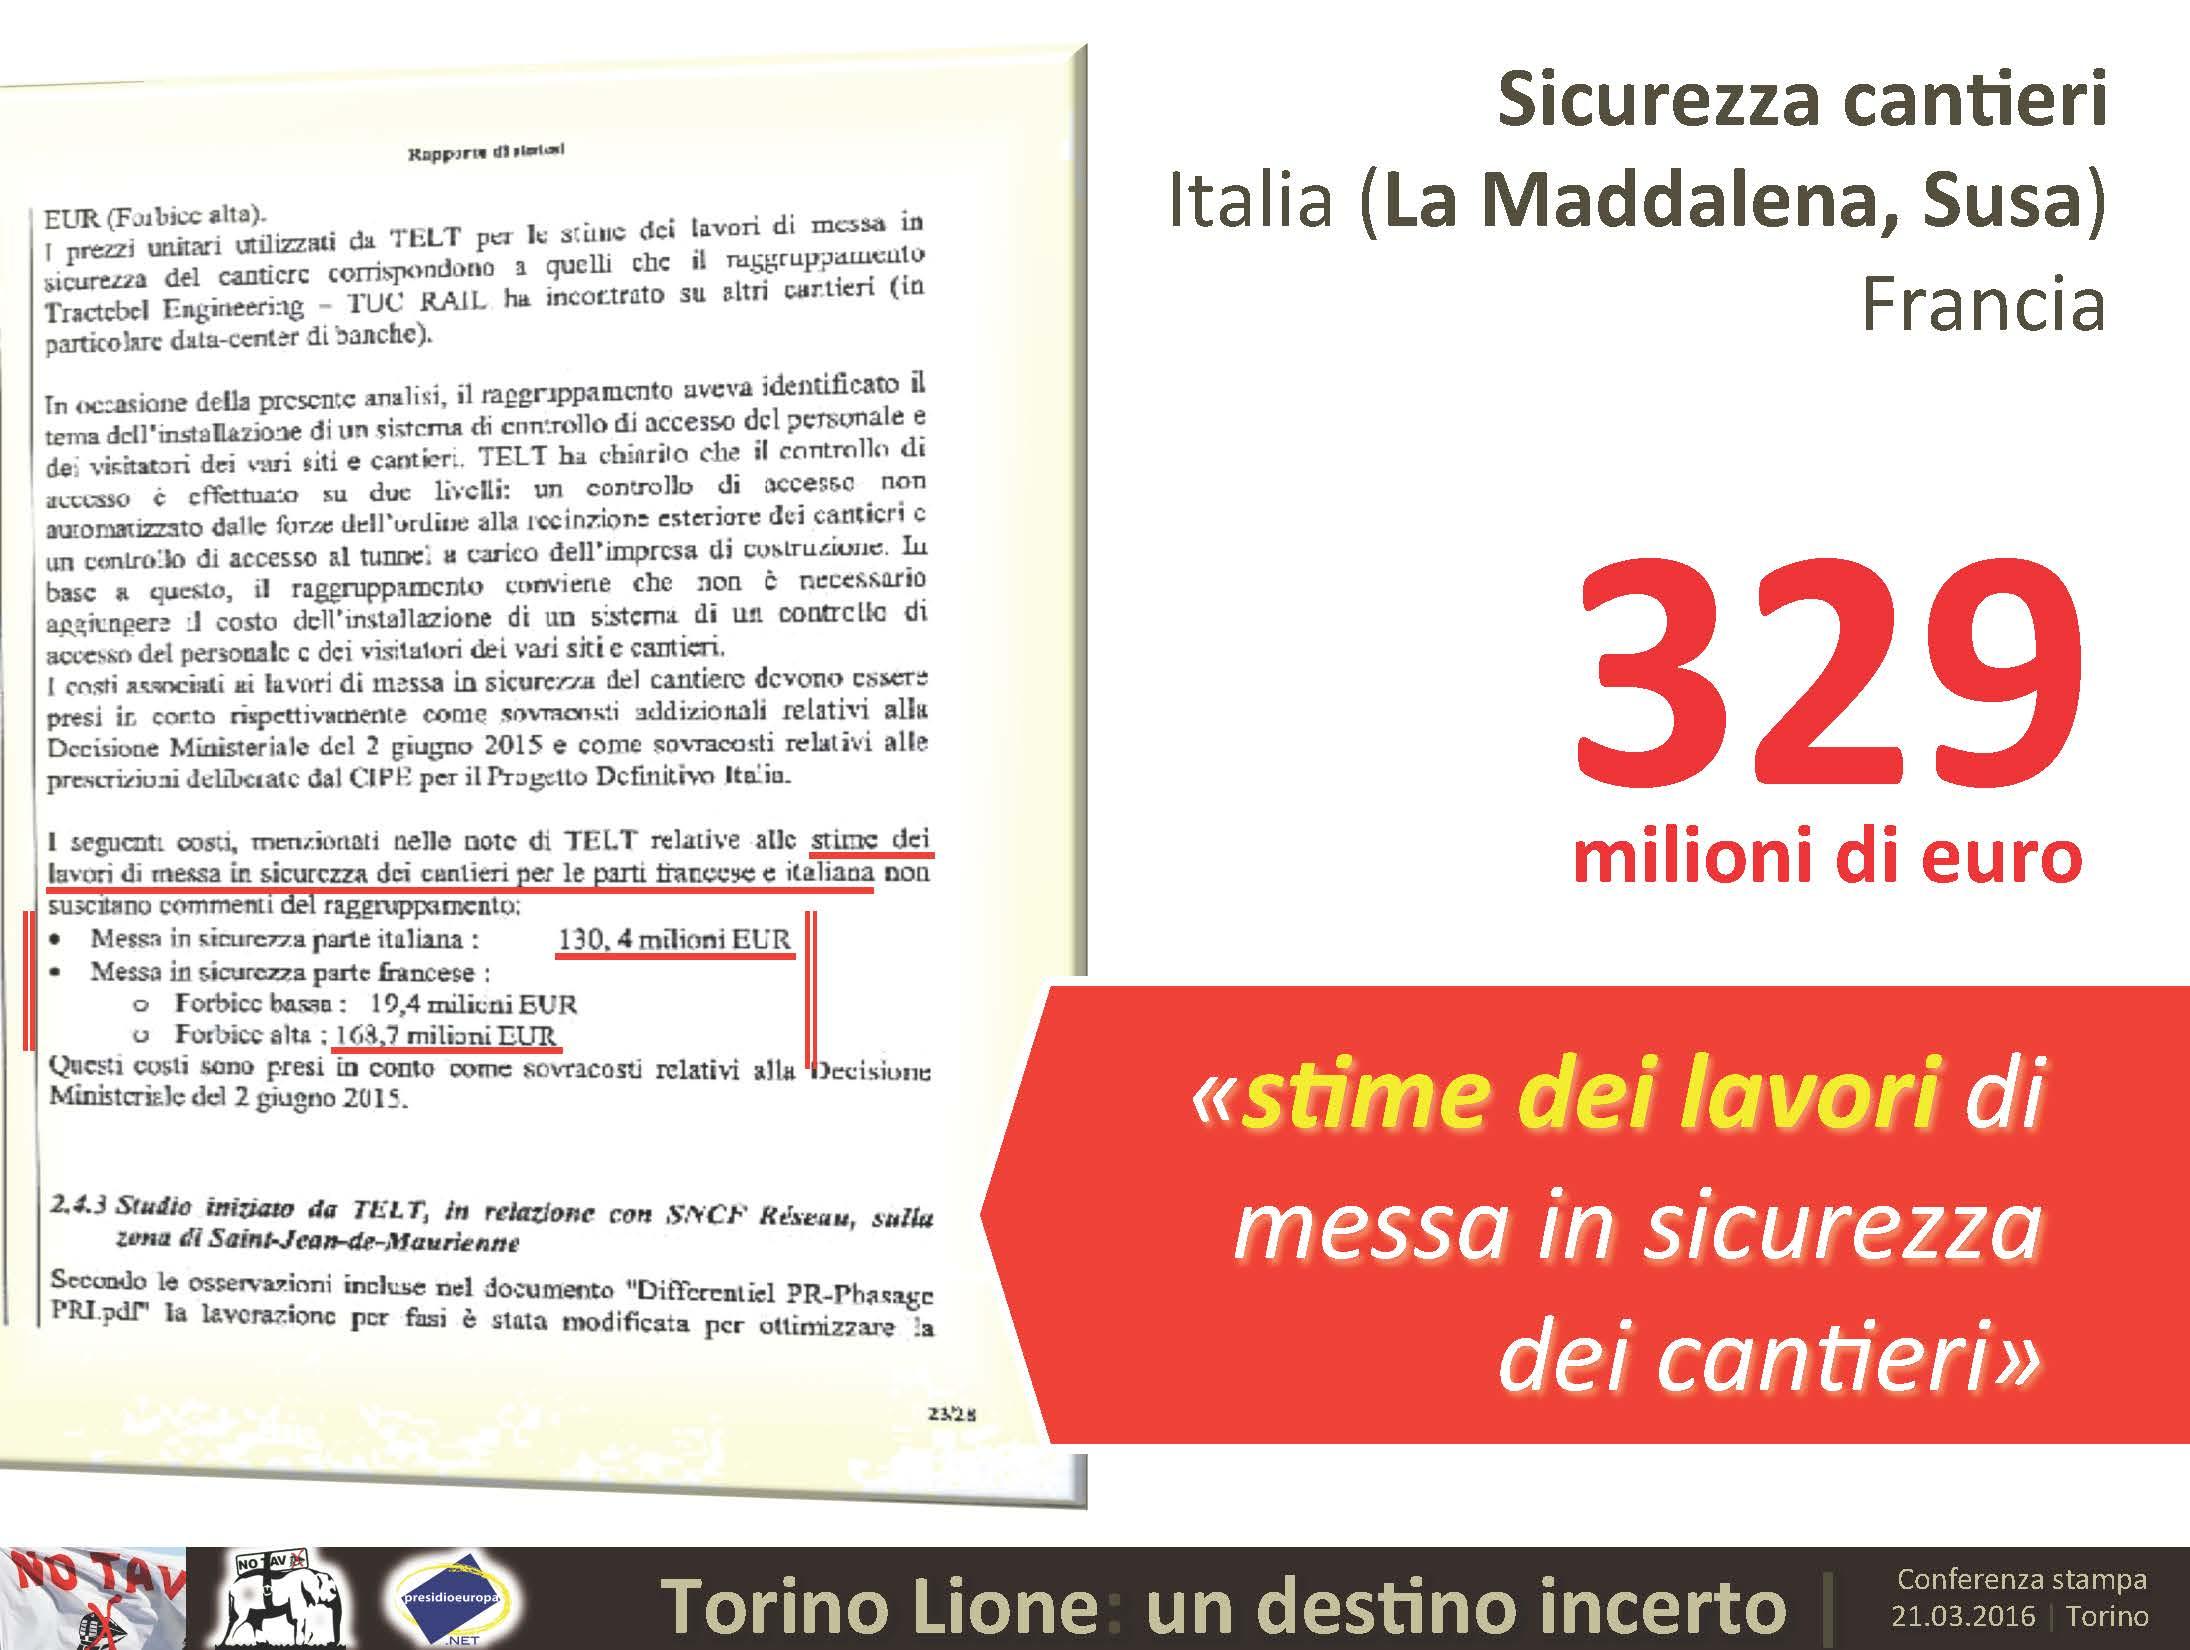 21M.presentazione (1)_Pagina_08